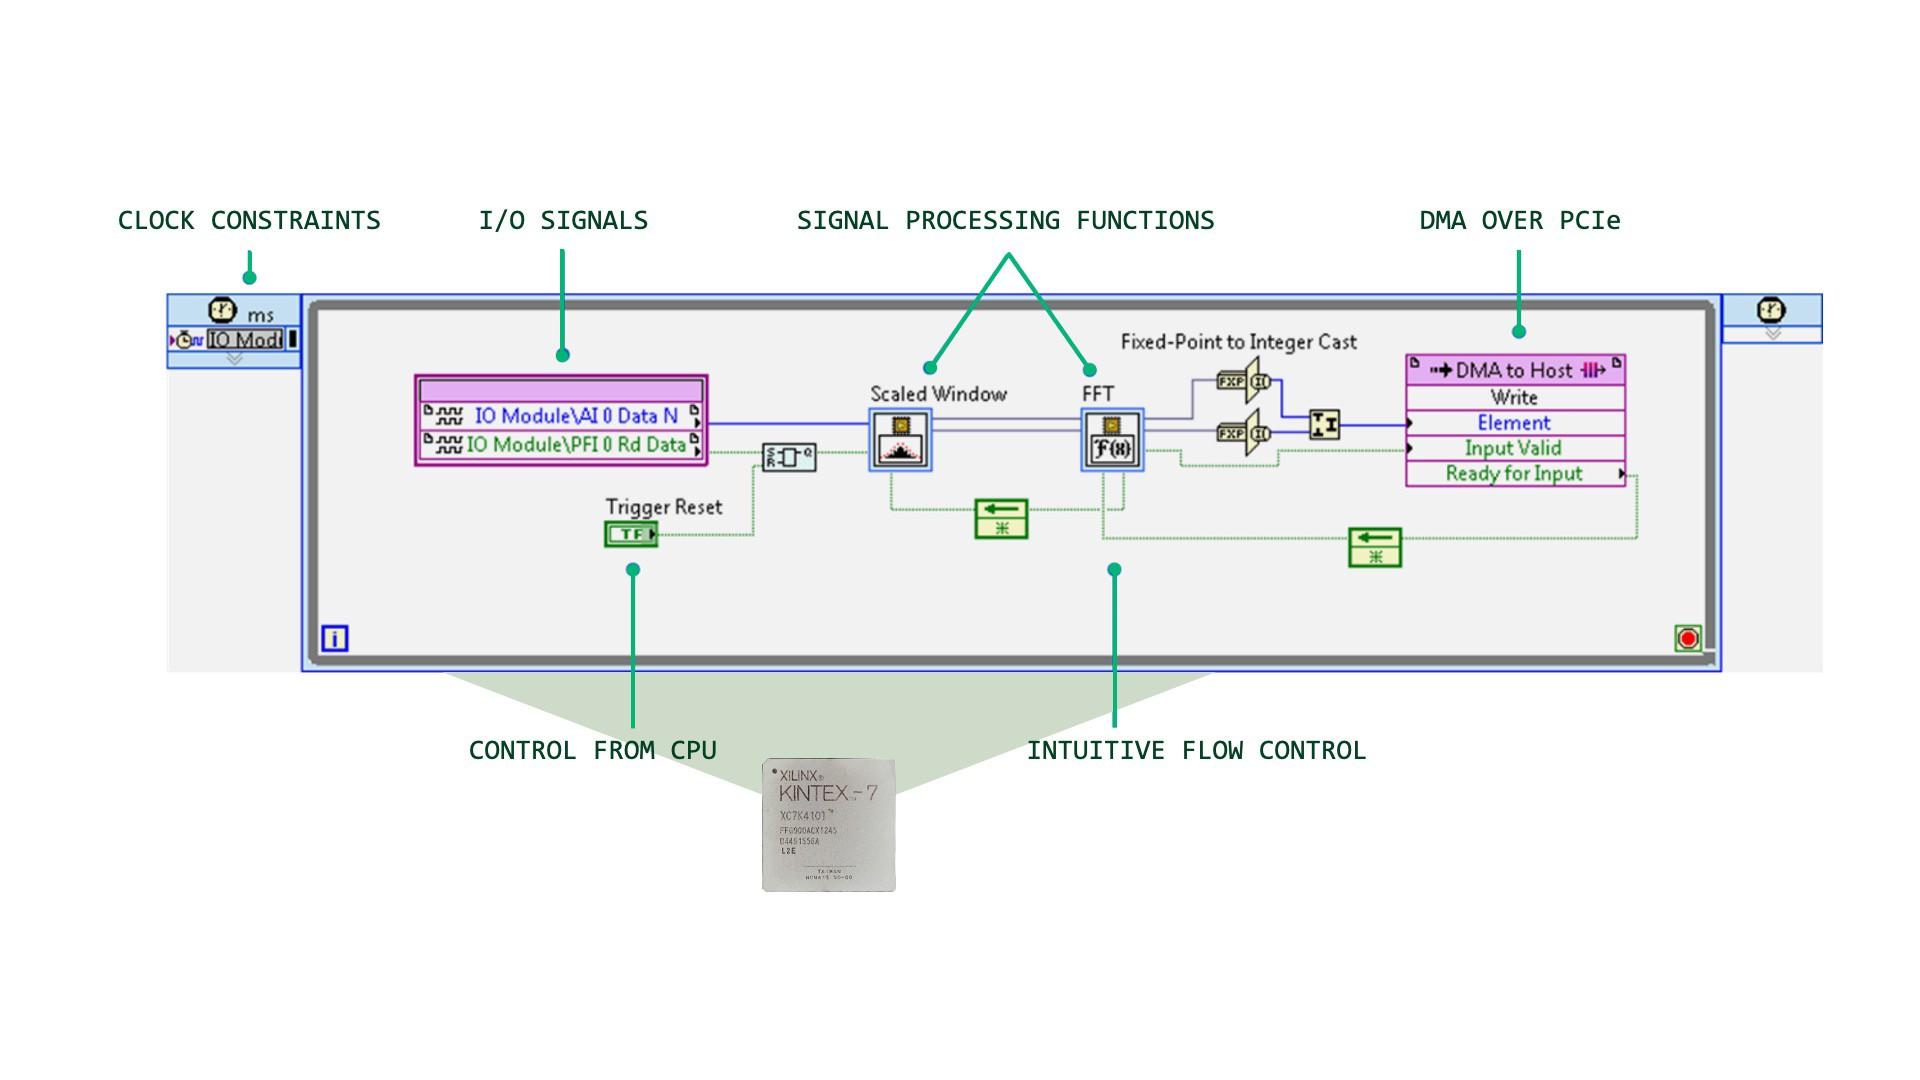 LabVIEW screenshot of an FPGA block diagram